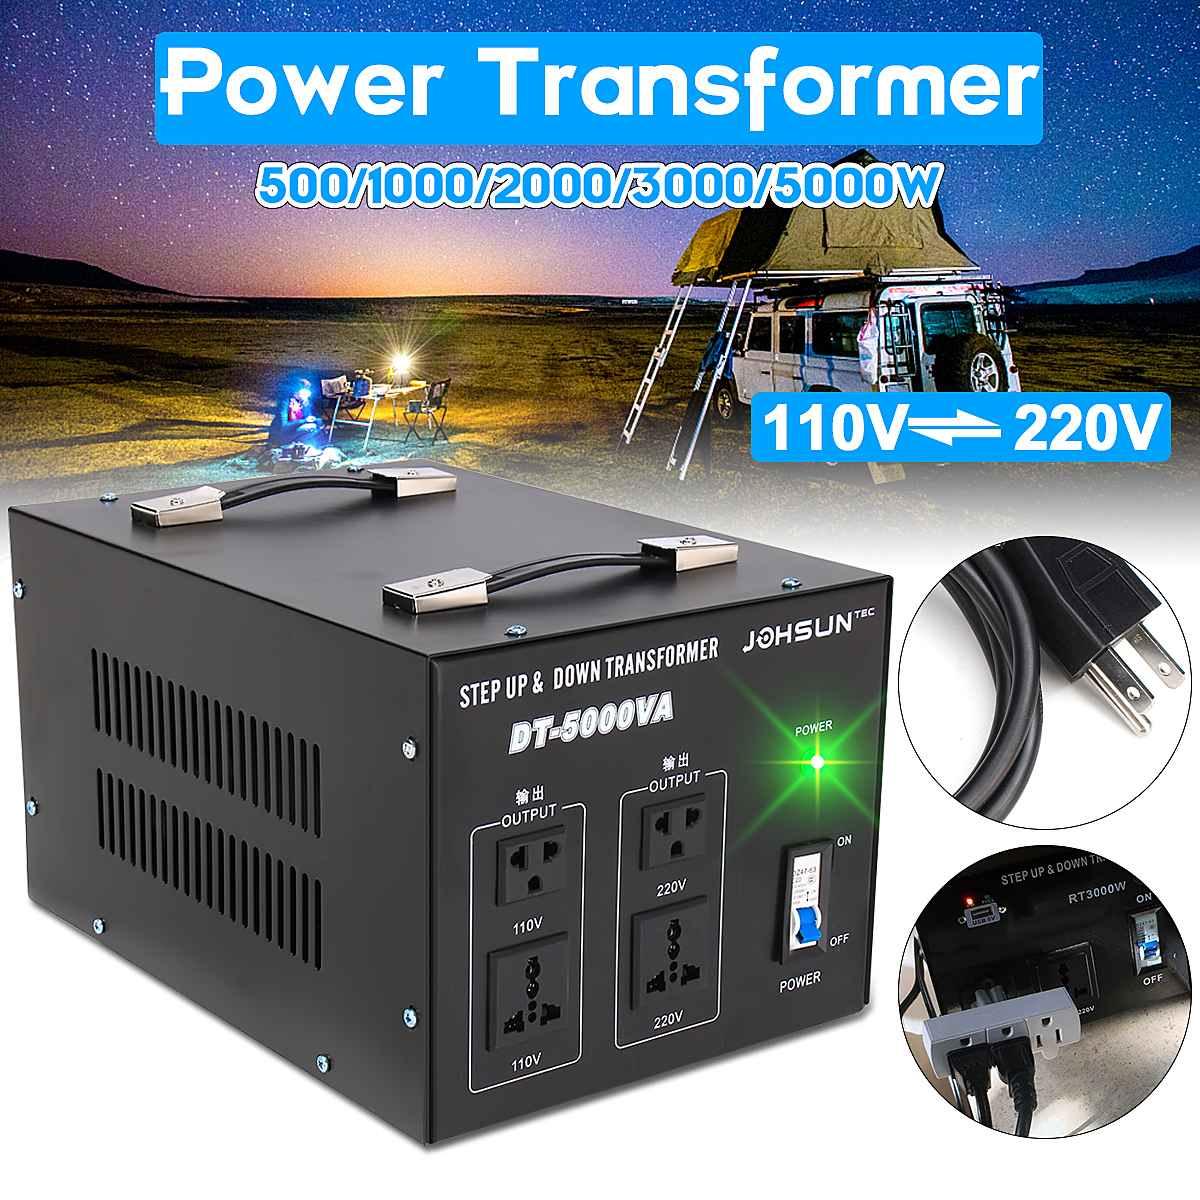 500 1000 2000 3000 5000 w transformador de potencia resistente do conversor do regulador de tensao